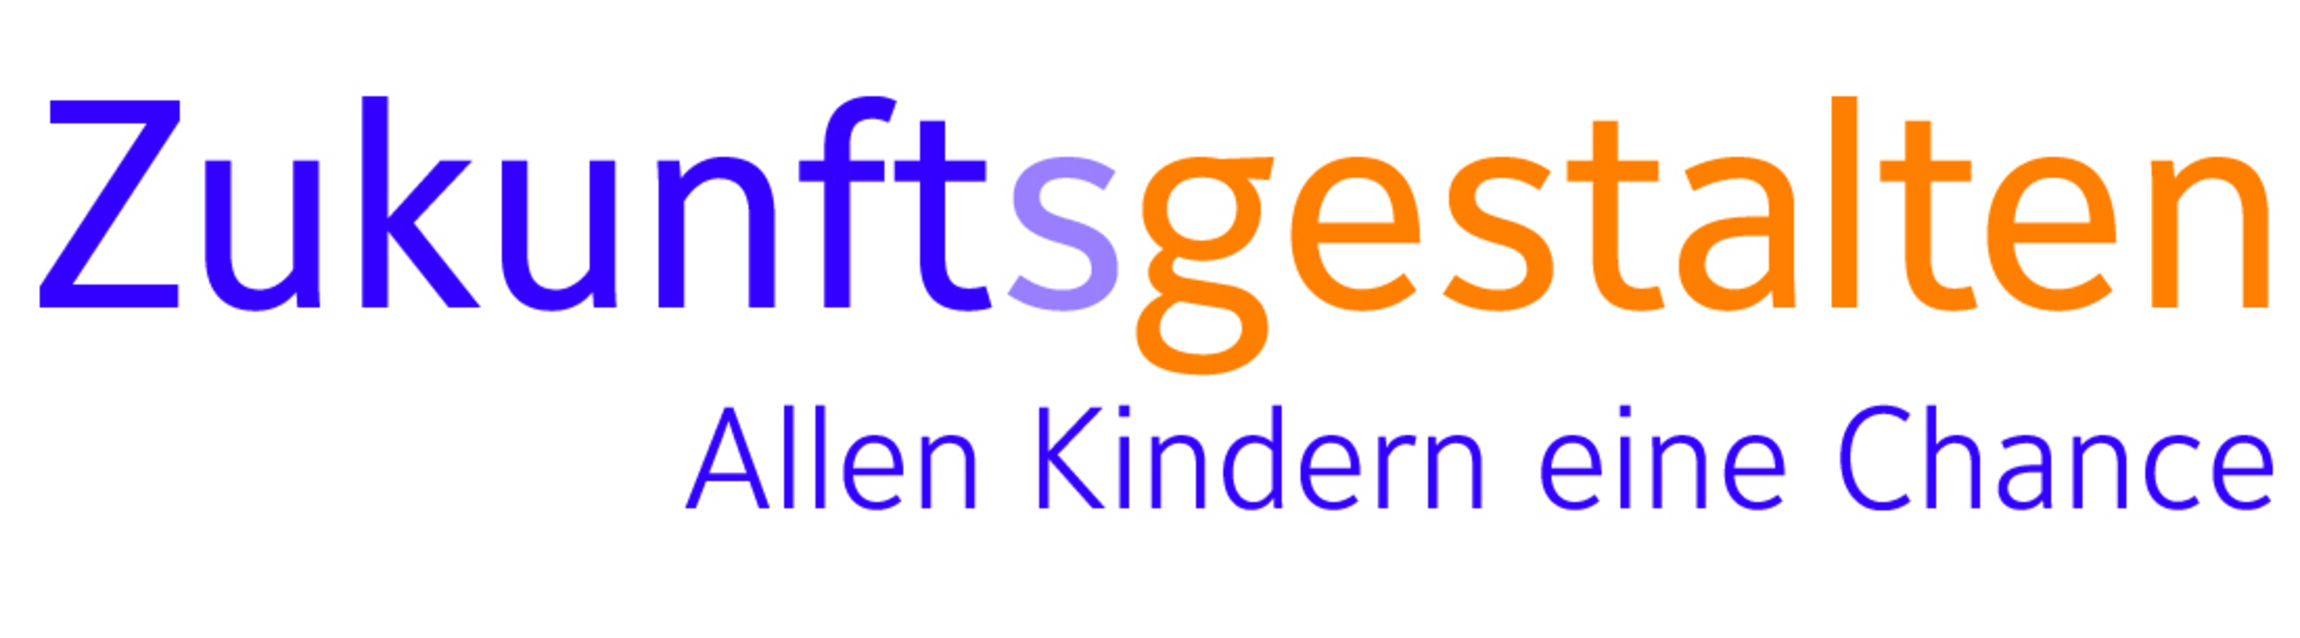 Logogroß